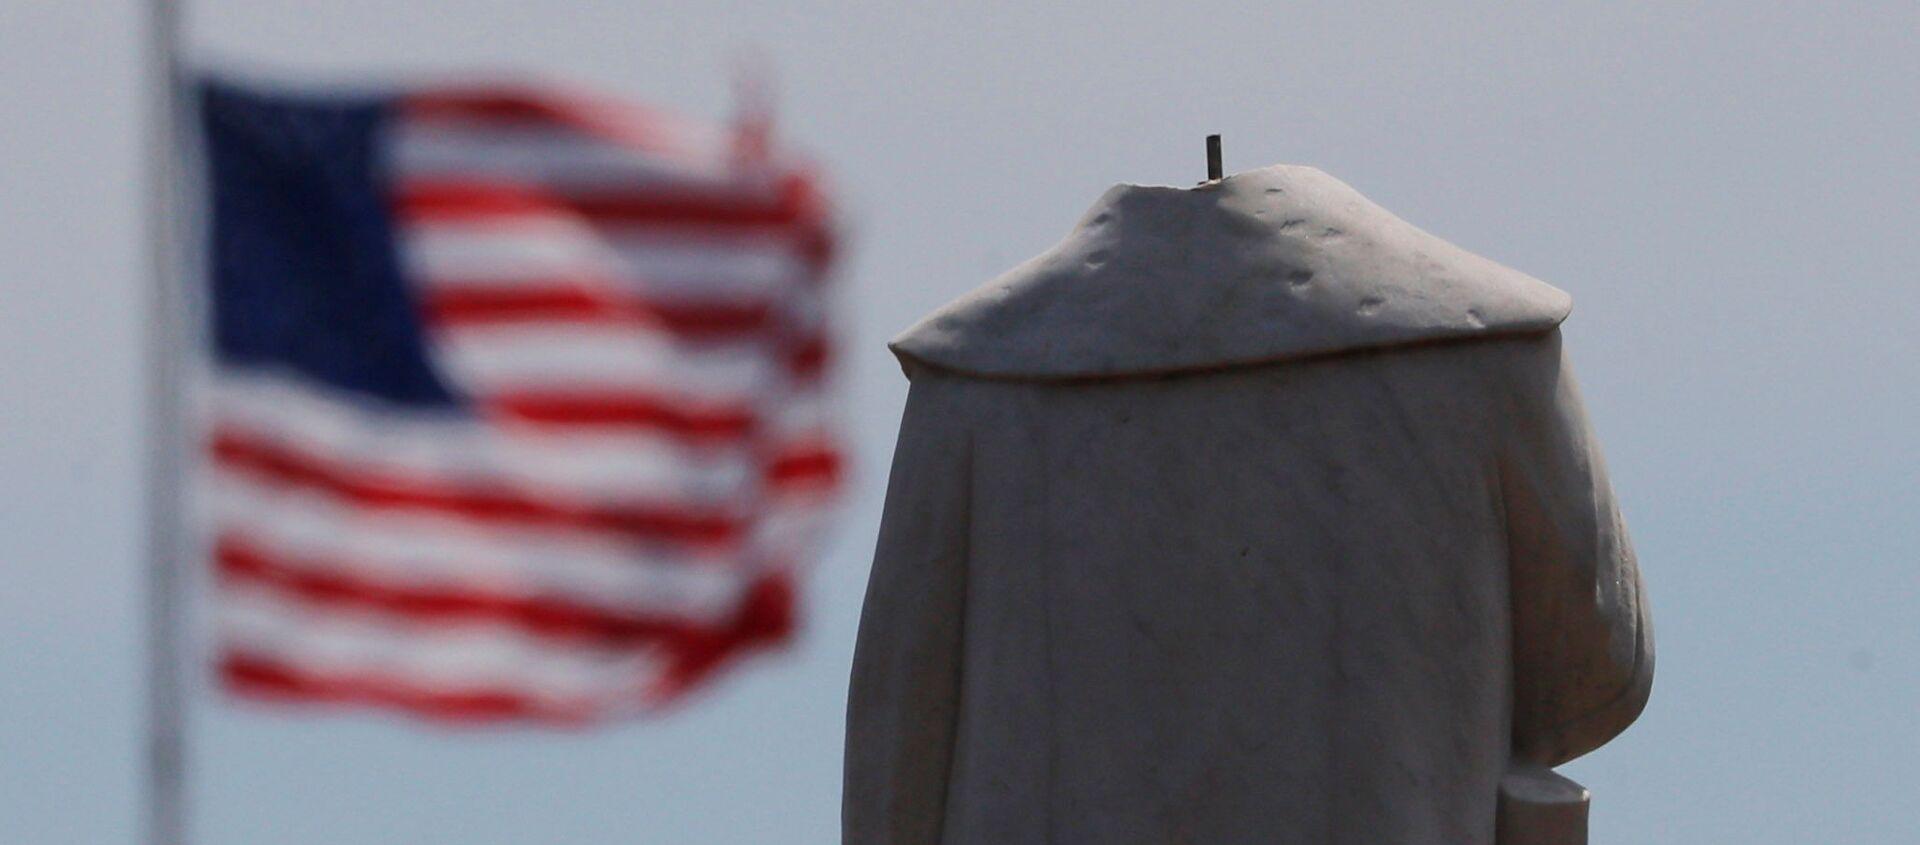 Protestujący pozbawili głowy monument odkrywcy Ameryki Krzysztofa Kolumba w Bostonie - Sputnik Polska, 1920, 01.07.2020